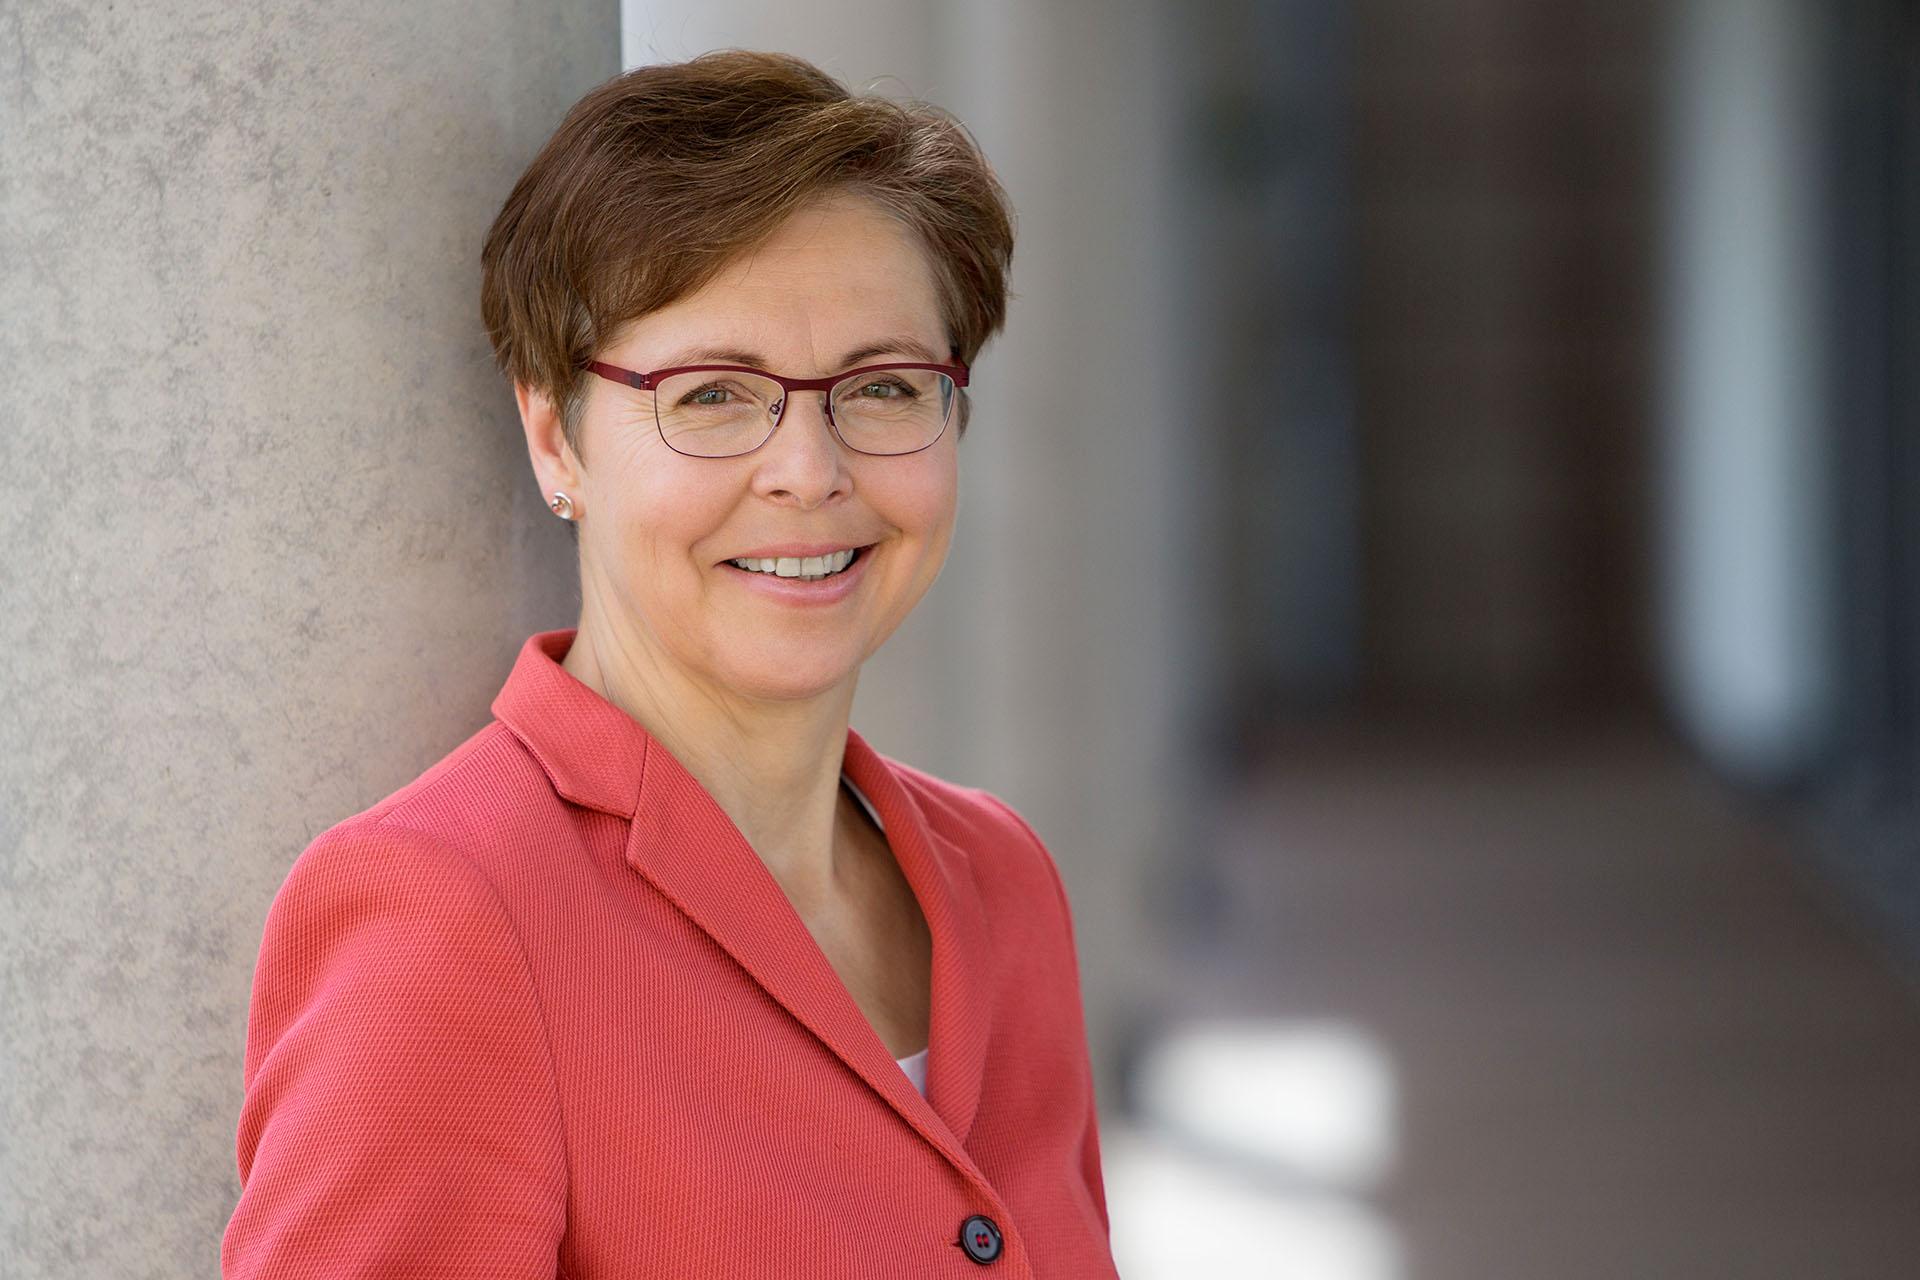 Thüringer Finanzministerin und Stellvertretende Ministerpräsidentin Heike Taubert (SPD)